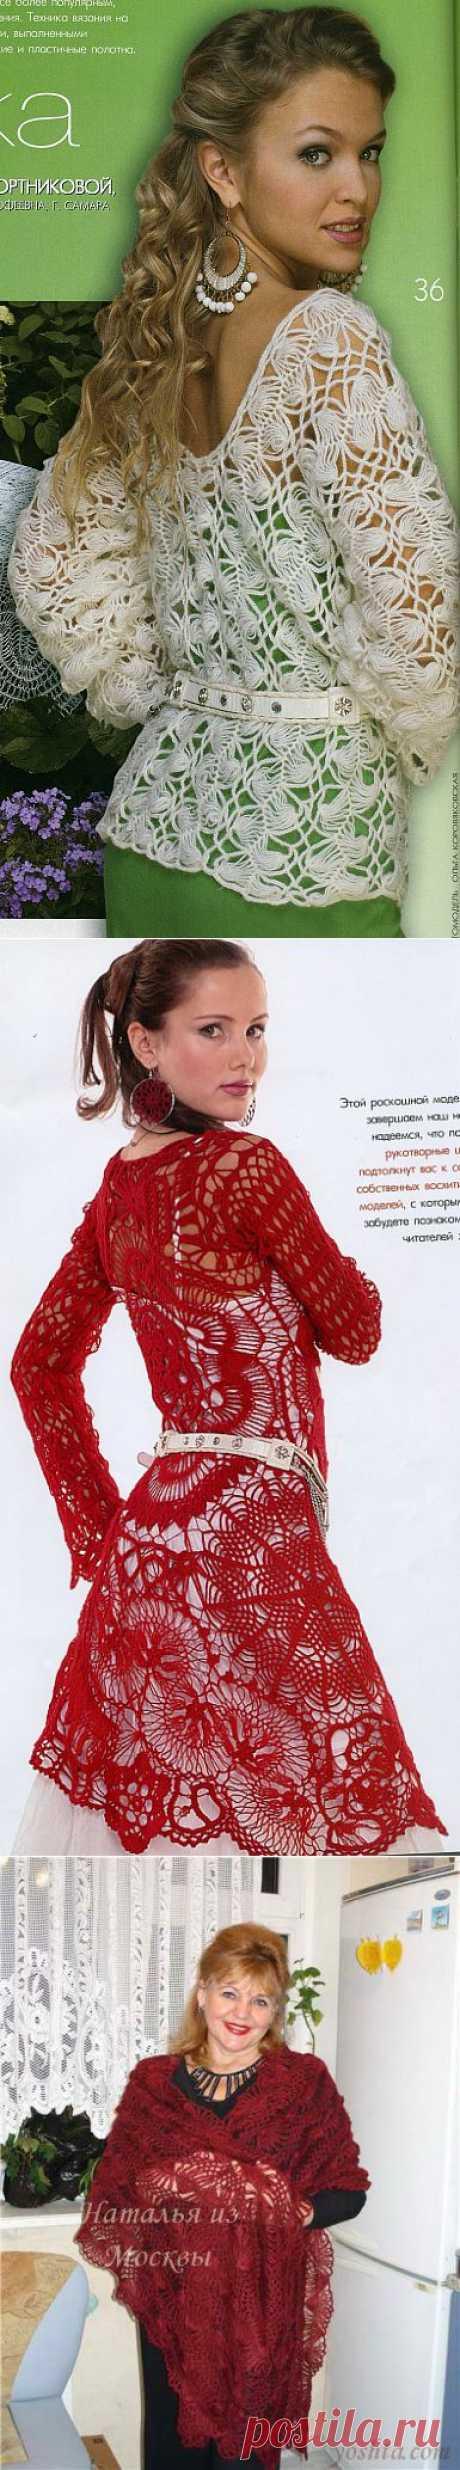 ВЯЗАНИЕ НА ВИЛКЕ... красивые модели... описание....